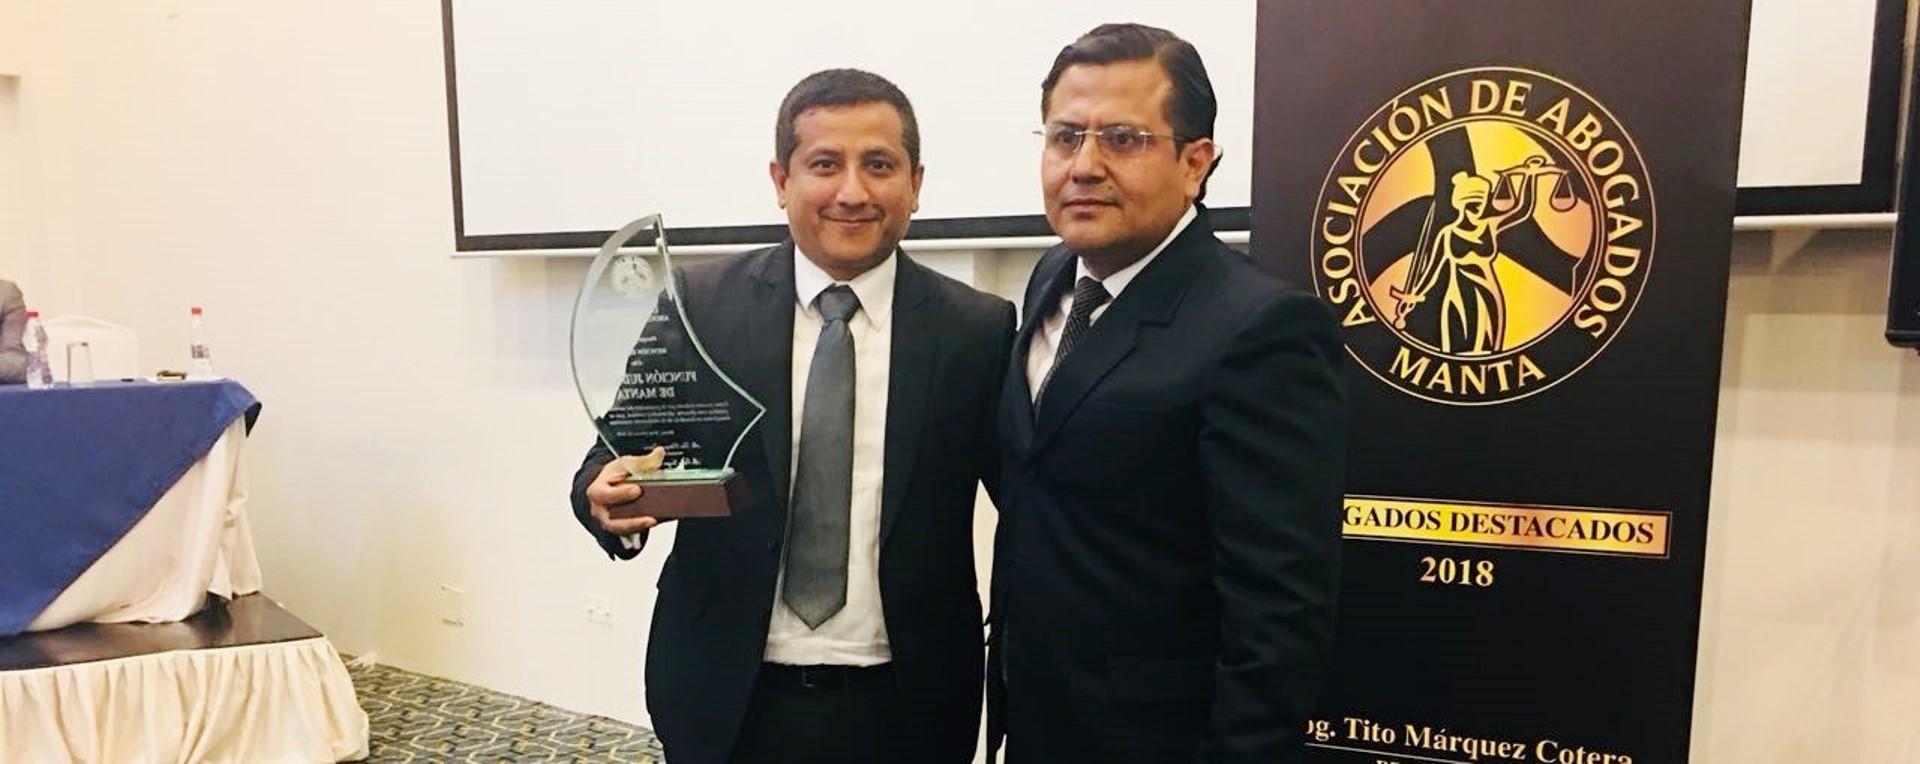 Abogados de Manta premian trabajo de Judicatura de Manabí